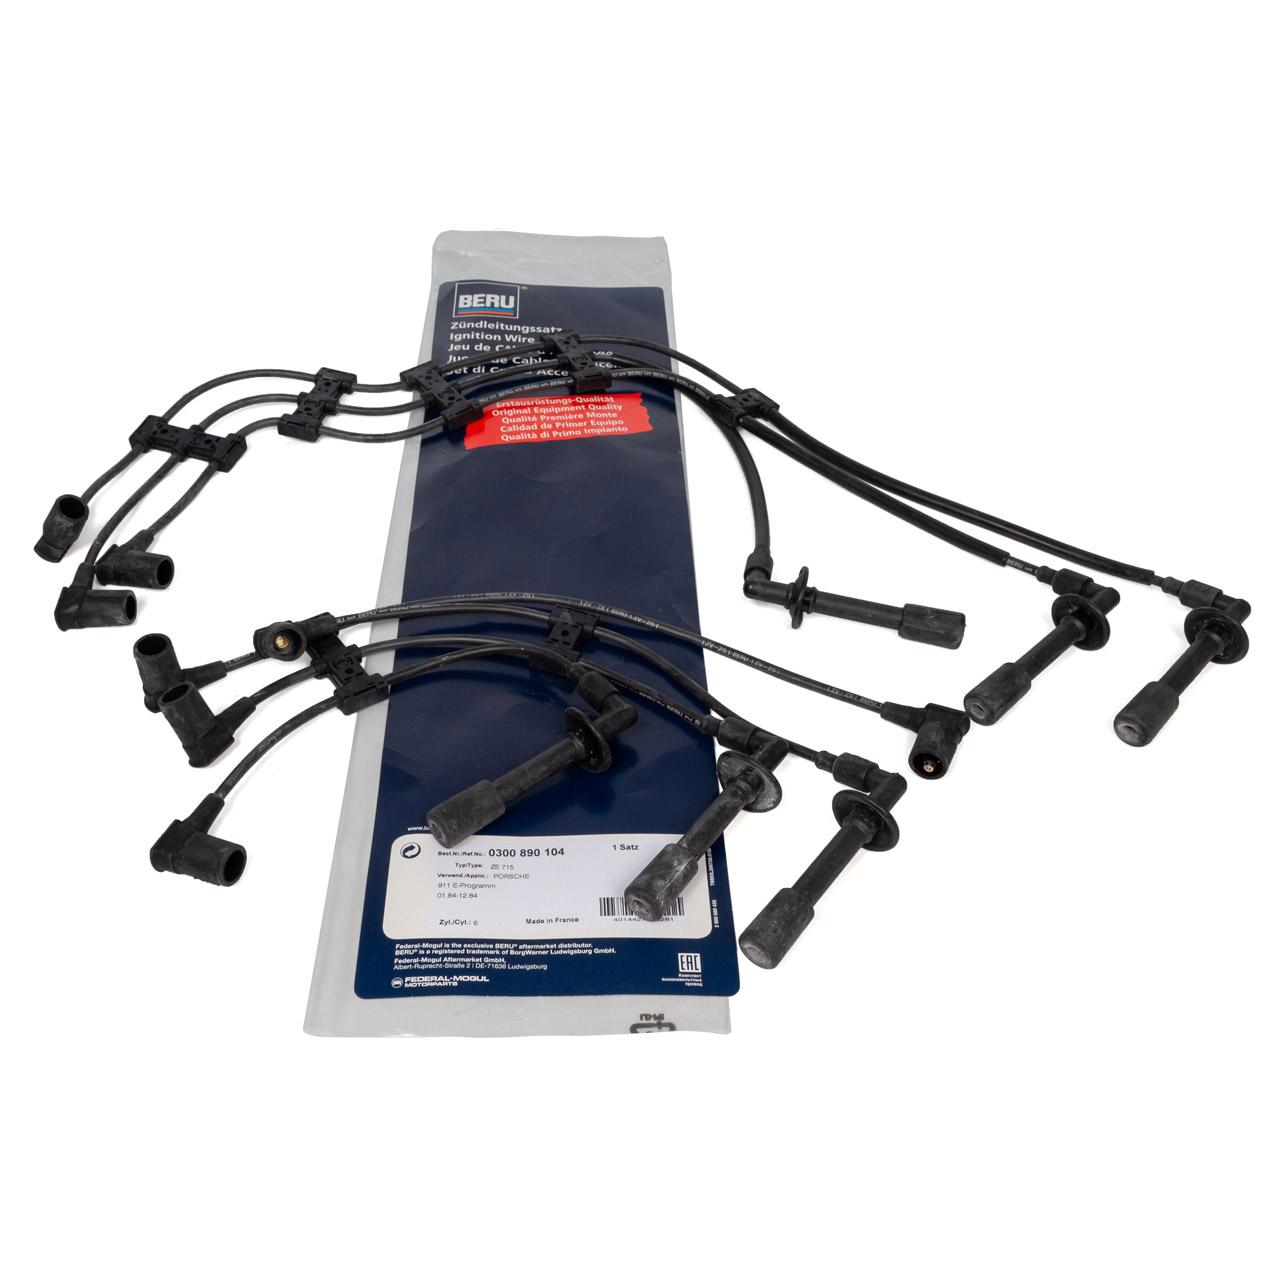 BERU ZE715 0300890104 Zündkabelsatz für PORSCHE 911 3.2 SC Carrera 231 PS 930.26